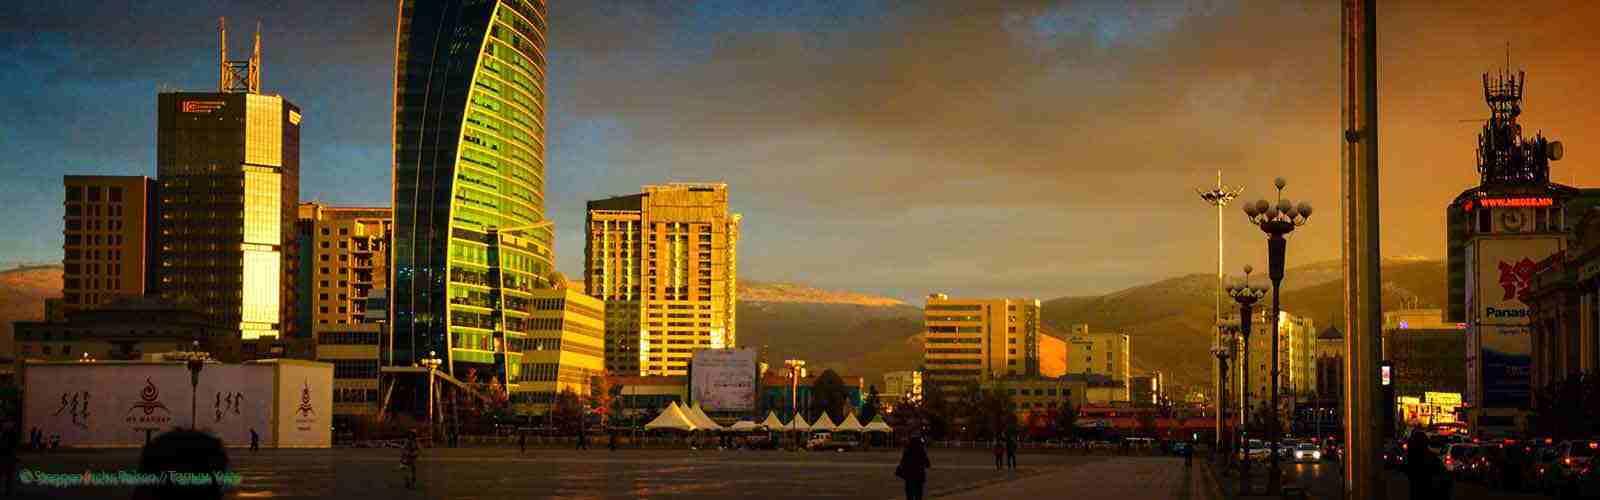 Steppenfuchs Reisen - Ulaanbaatar Lichtspiele der Sonne